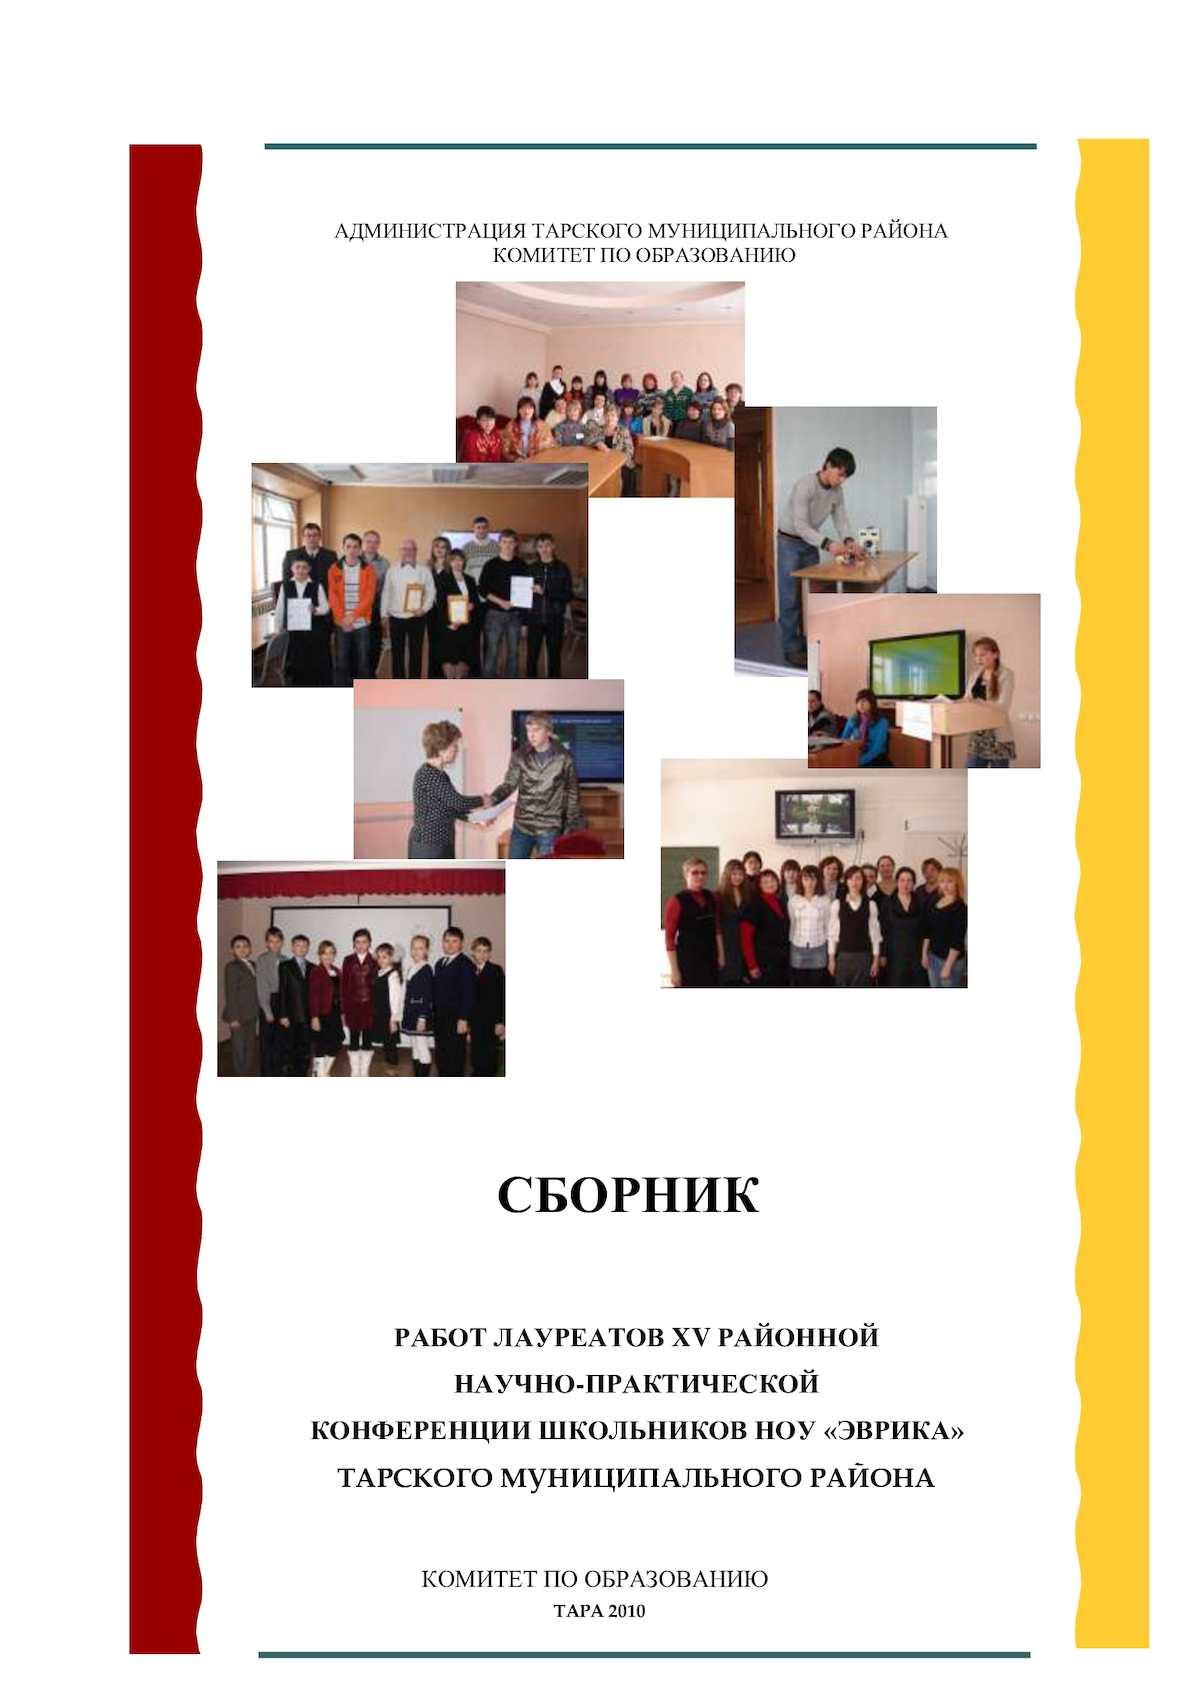 Гдз по литературе класс под редакцией м. б. ладыгина чудо георгия о змеи